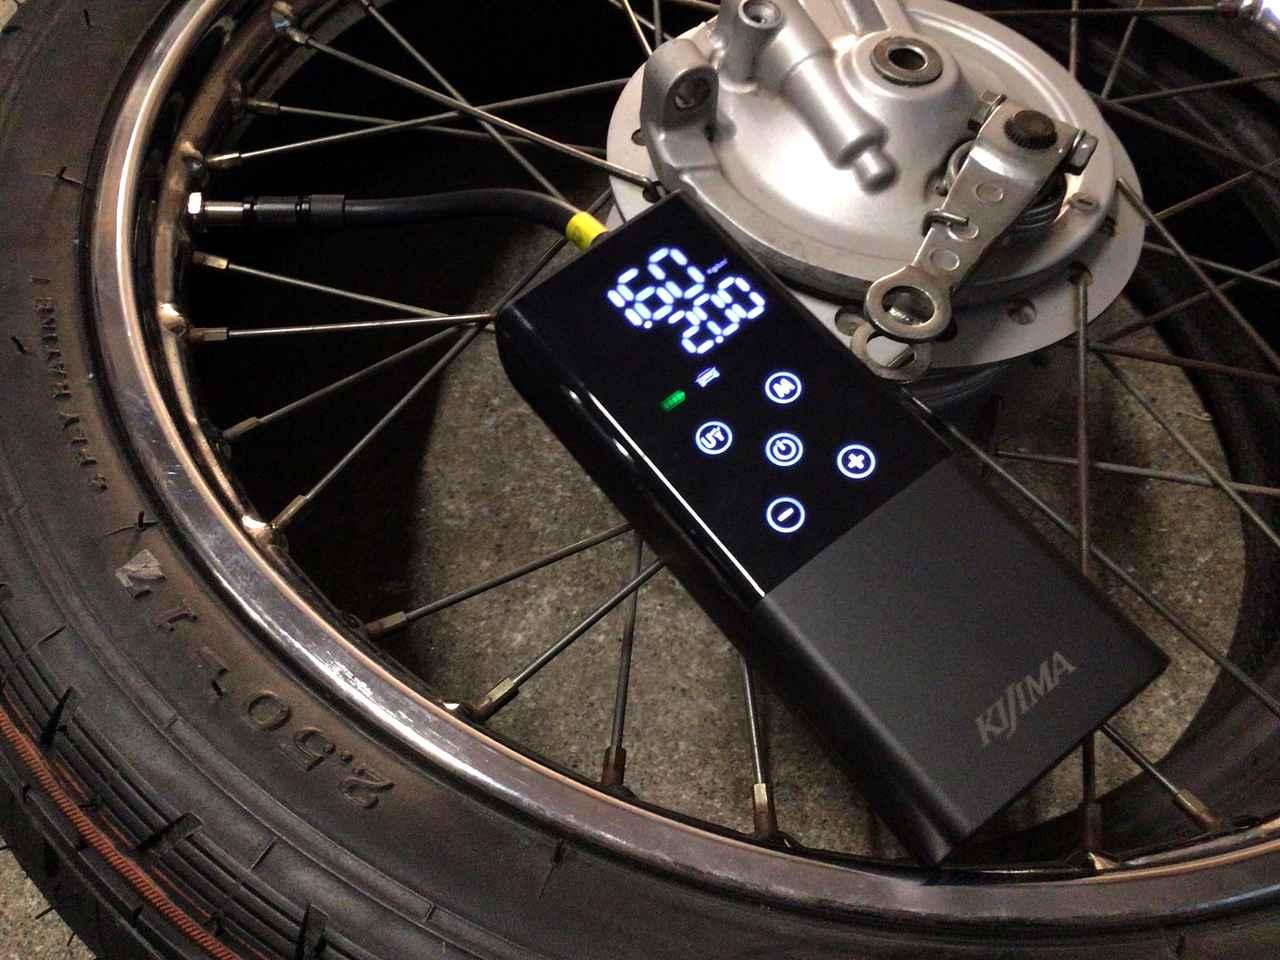 画像: キジマのスマートエアポンプはこんな具合 指定エア圧をセットして電源ボタン押せばブーンとエア入れてくれます 日々のタイヤエアチェックに効果を発揮しますね、コレは チャックも数種類あって、自転車にも入れられるし、サッカーボールにだってエア入れられます!